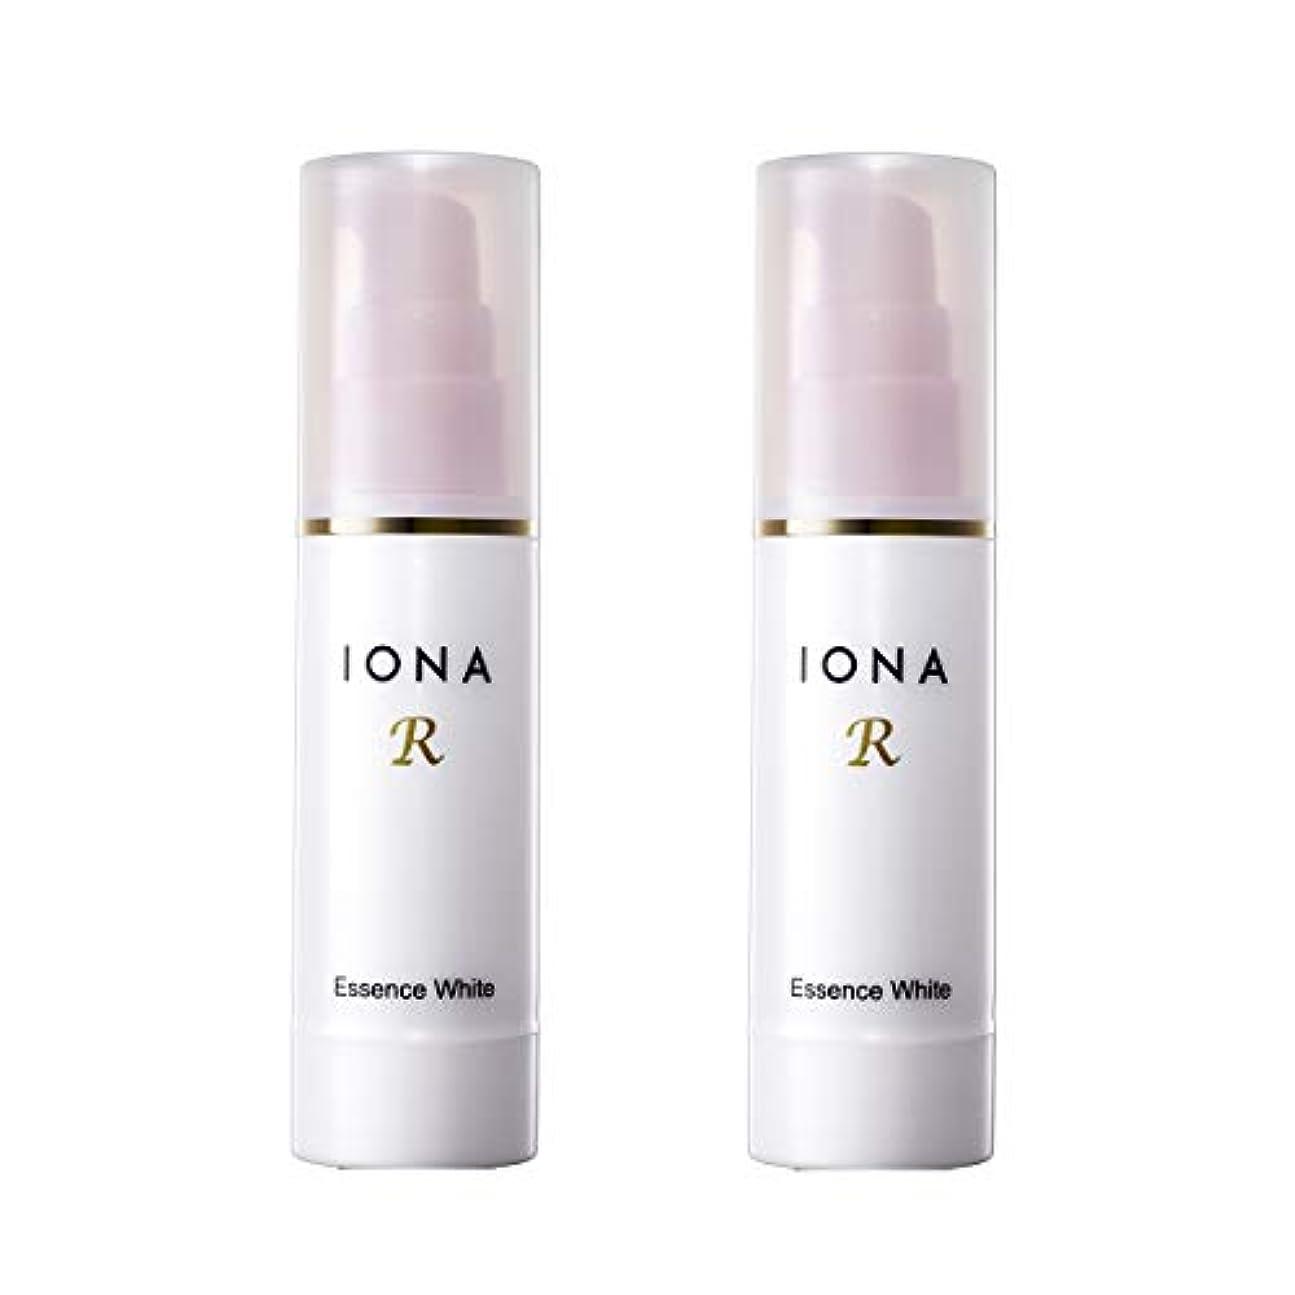 相反するカカドゥ問い合わせイオナR エッセンスホワイト 美容液 2個セット 【通常価格より20%OFF】高機能ビタミンC配合美容液 IONA R イオナアール イオナのビタミンC